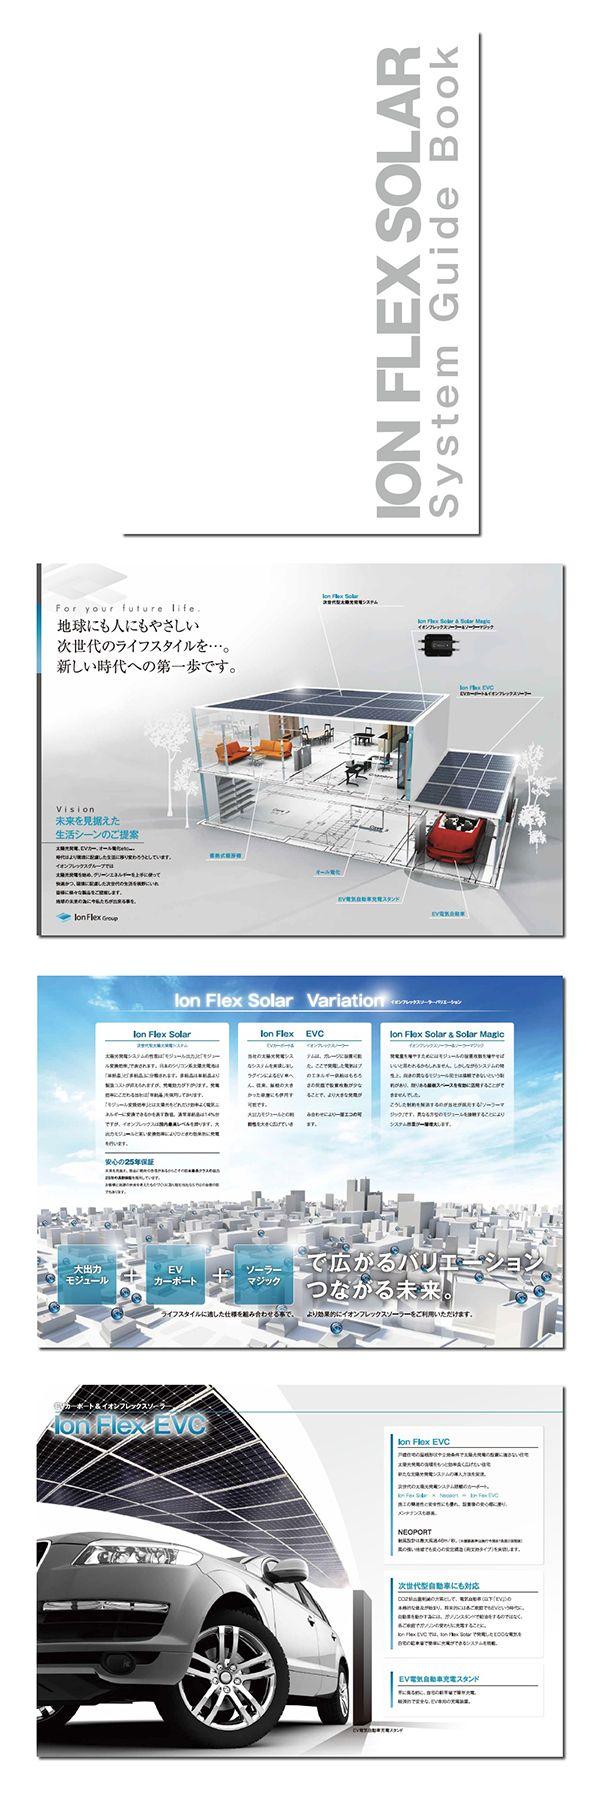 パンフレットデザイン 株式会社カプセルグラフィックス #パンフレット #デザイン #太陽光 #名古屋